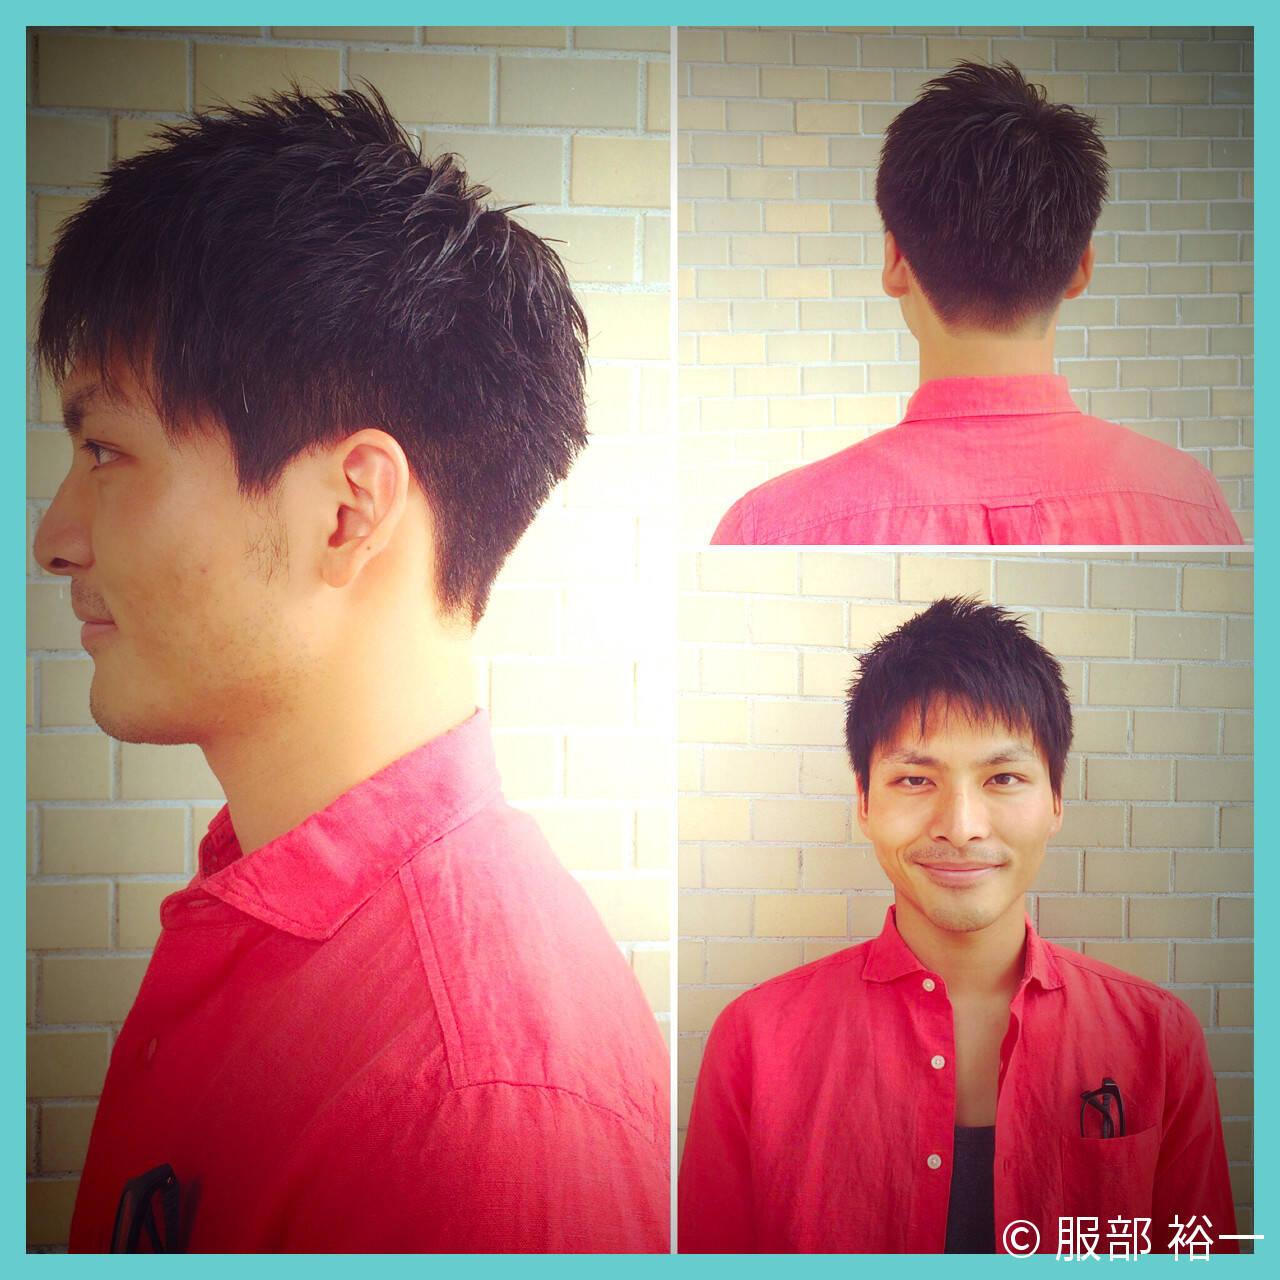 刈り上げ 黒髪 ショート メンズヘアスタイルや髪型の写真・画像